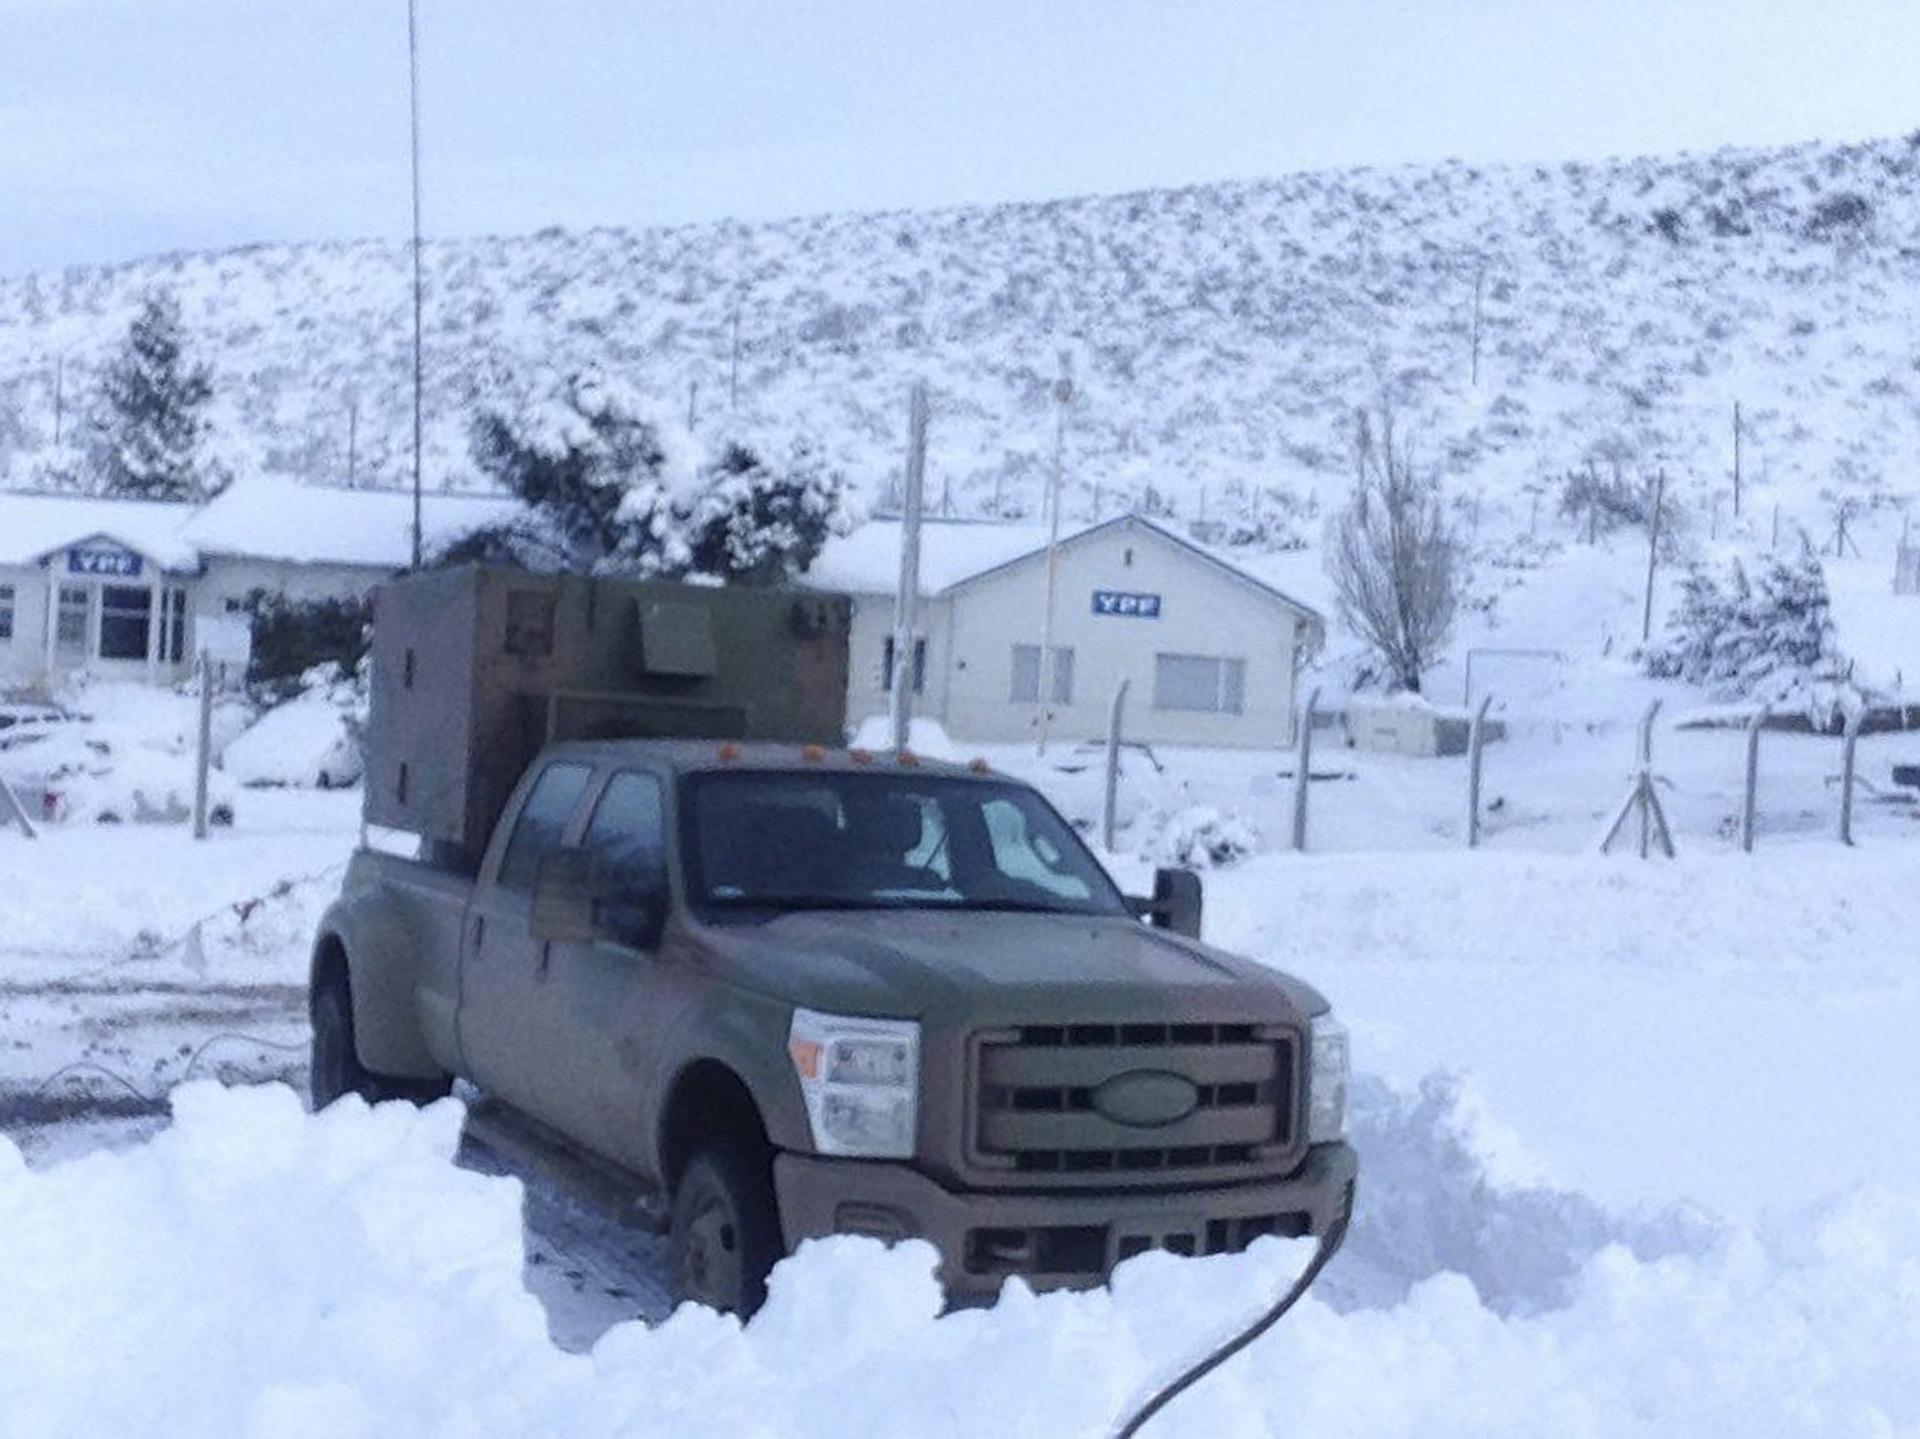 El Ministerio de Defensa, a través de las Fuerzas Armadas brinda apoyo a la comunidad afectada por las intensas nevadas registradas en el sur del país, principalmente en la ciudad rionegrina de San Carlos Bariloche y en Junín de Los Andes, provincia de Neuquén